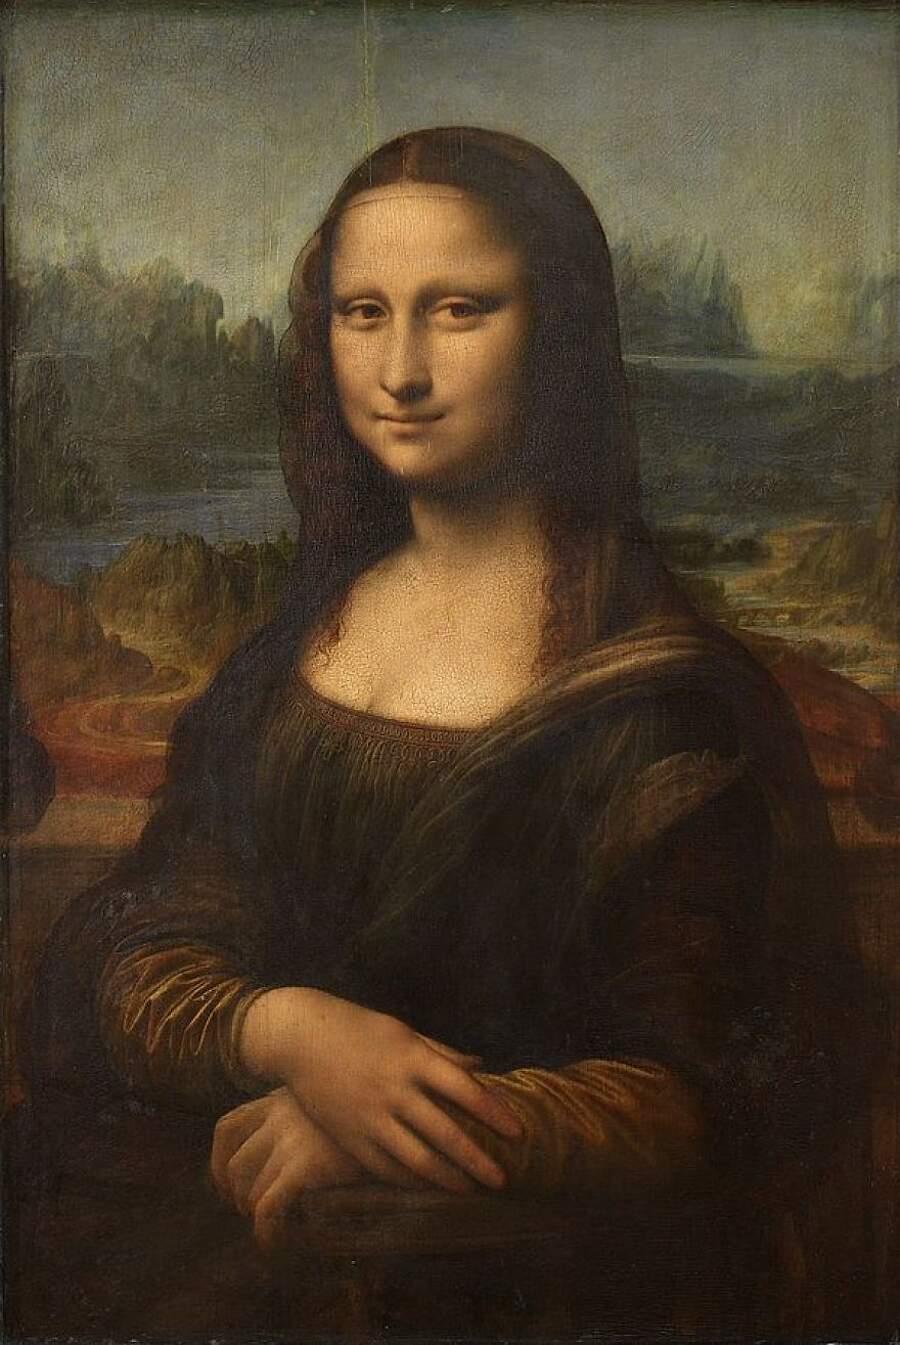 Storie interessanti dipinti famosi - La Gioconda (Mona Lisa), Leonardo Da Vinci